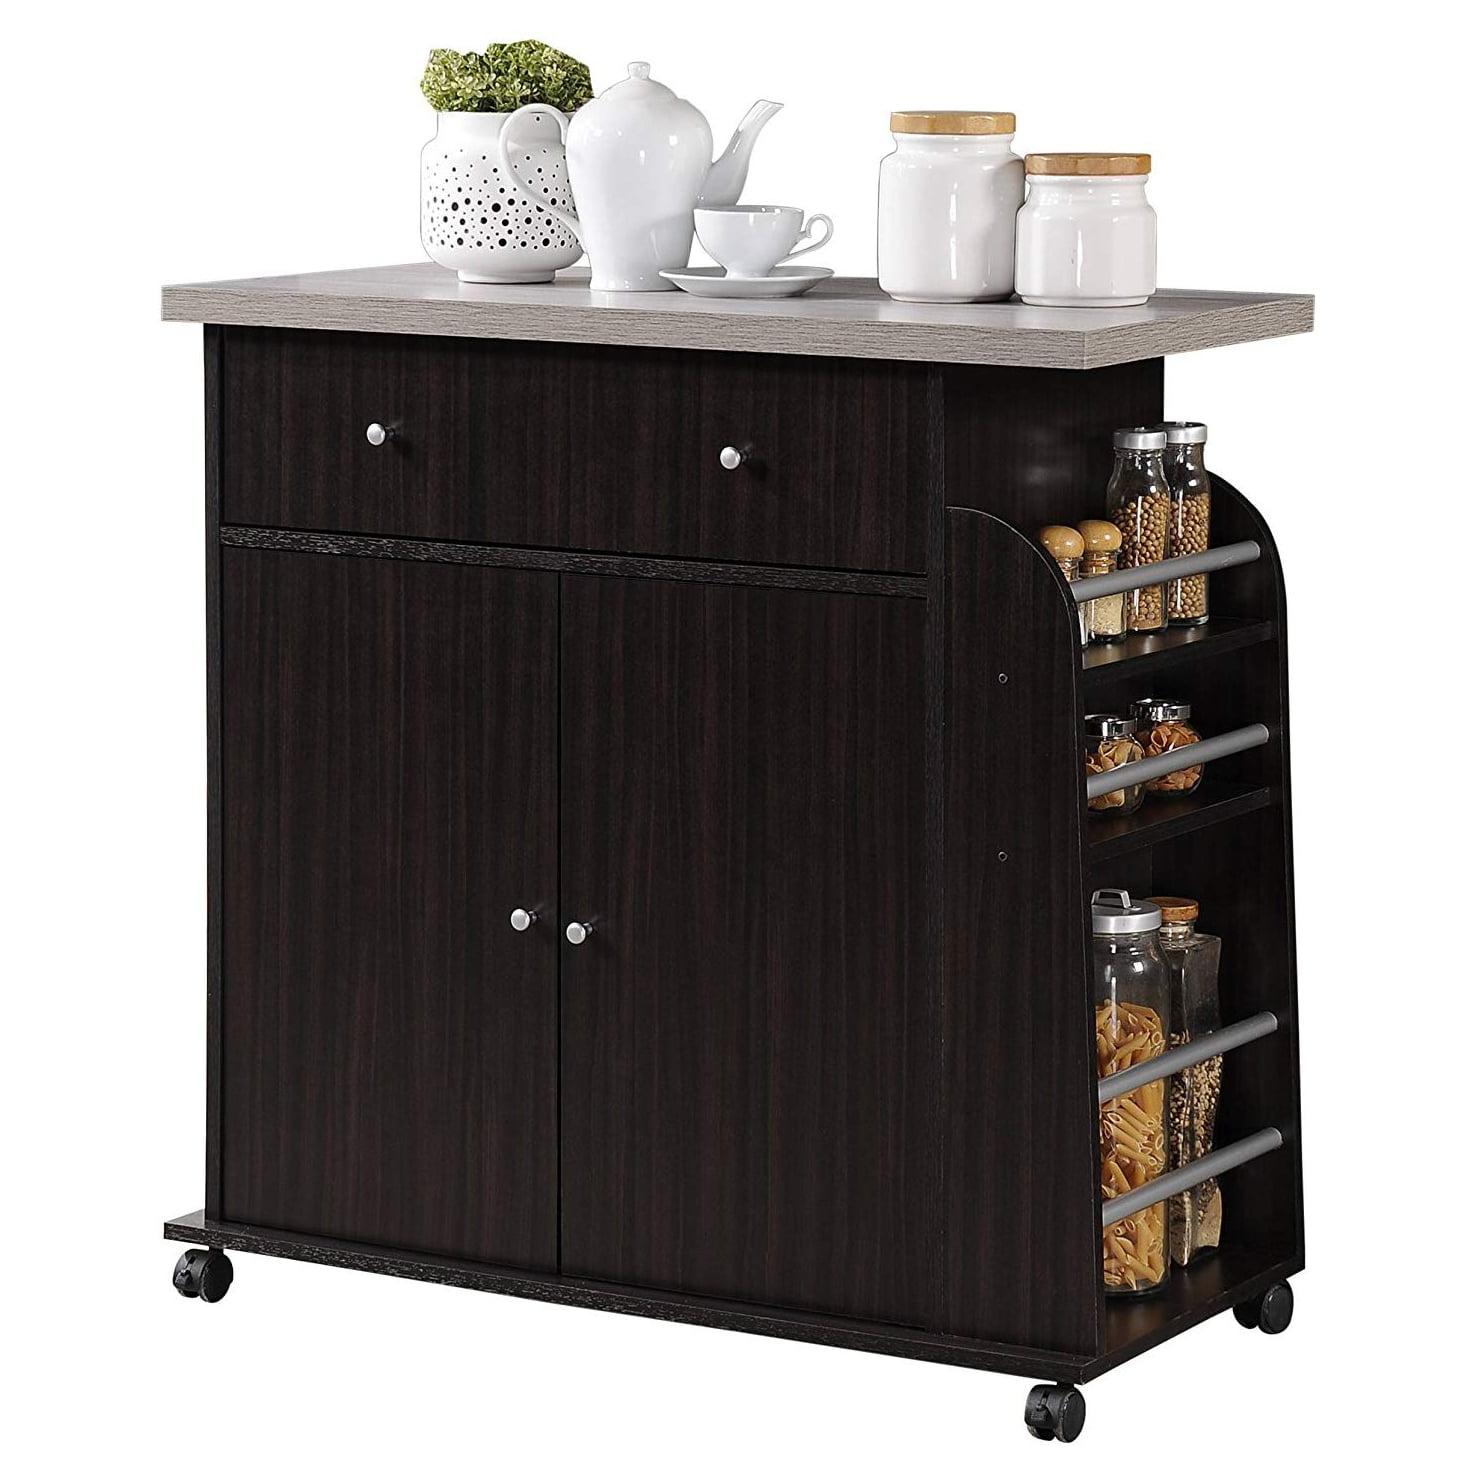 Hodedah Kitchen Island Cabinet Drawer Storage with Spice ...